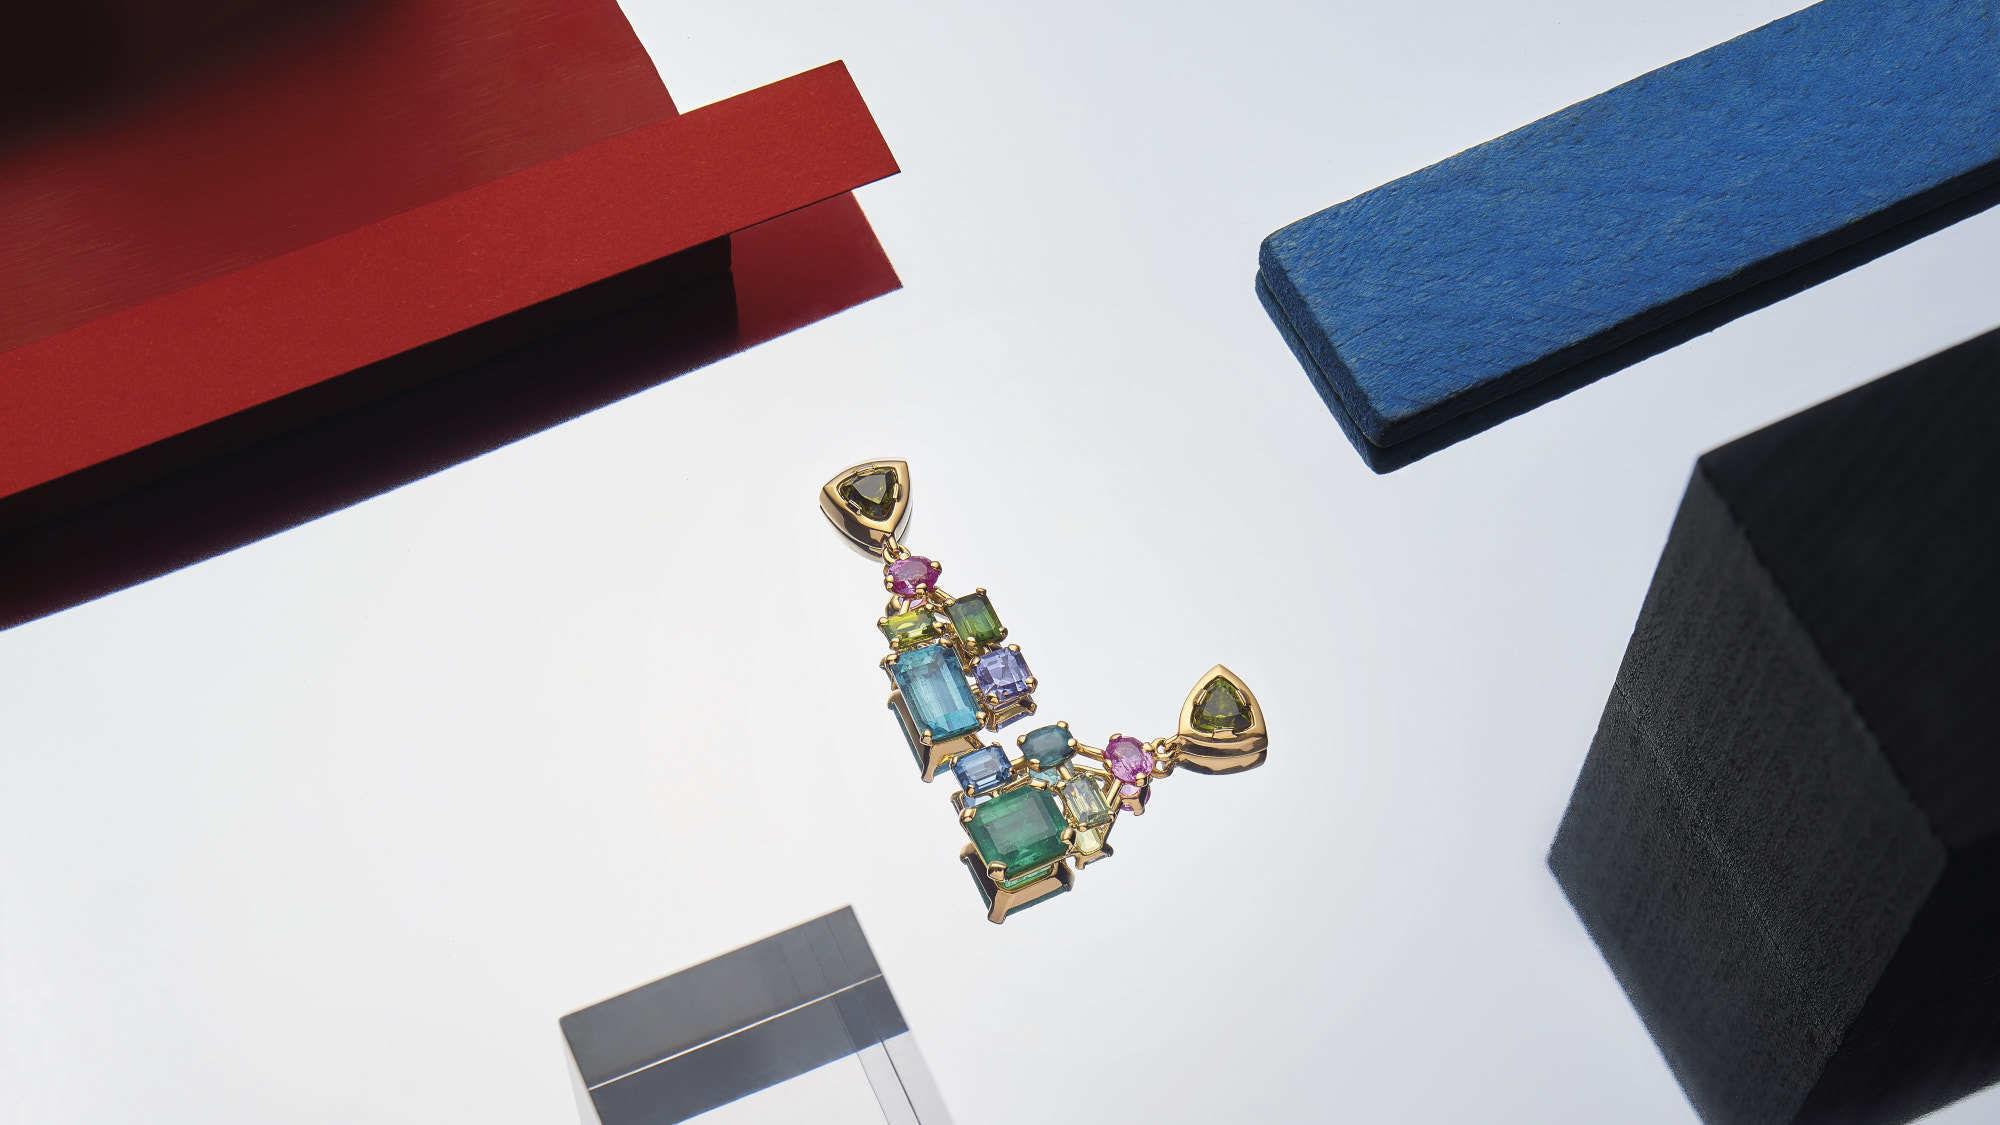 STILLSTARS - Bernd Westphal for jeweller Jonathan Johnson